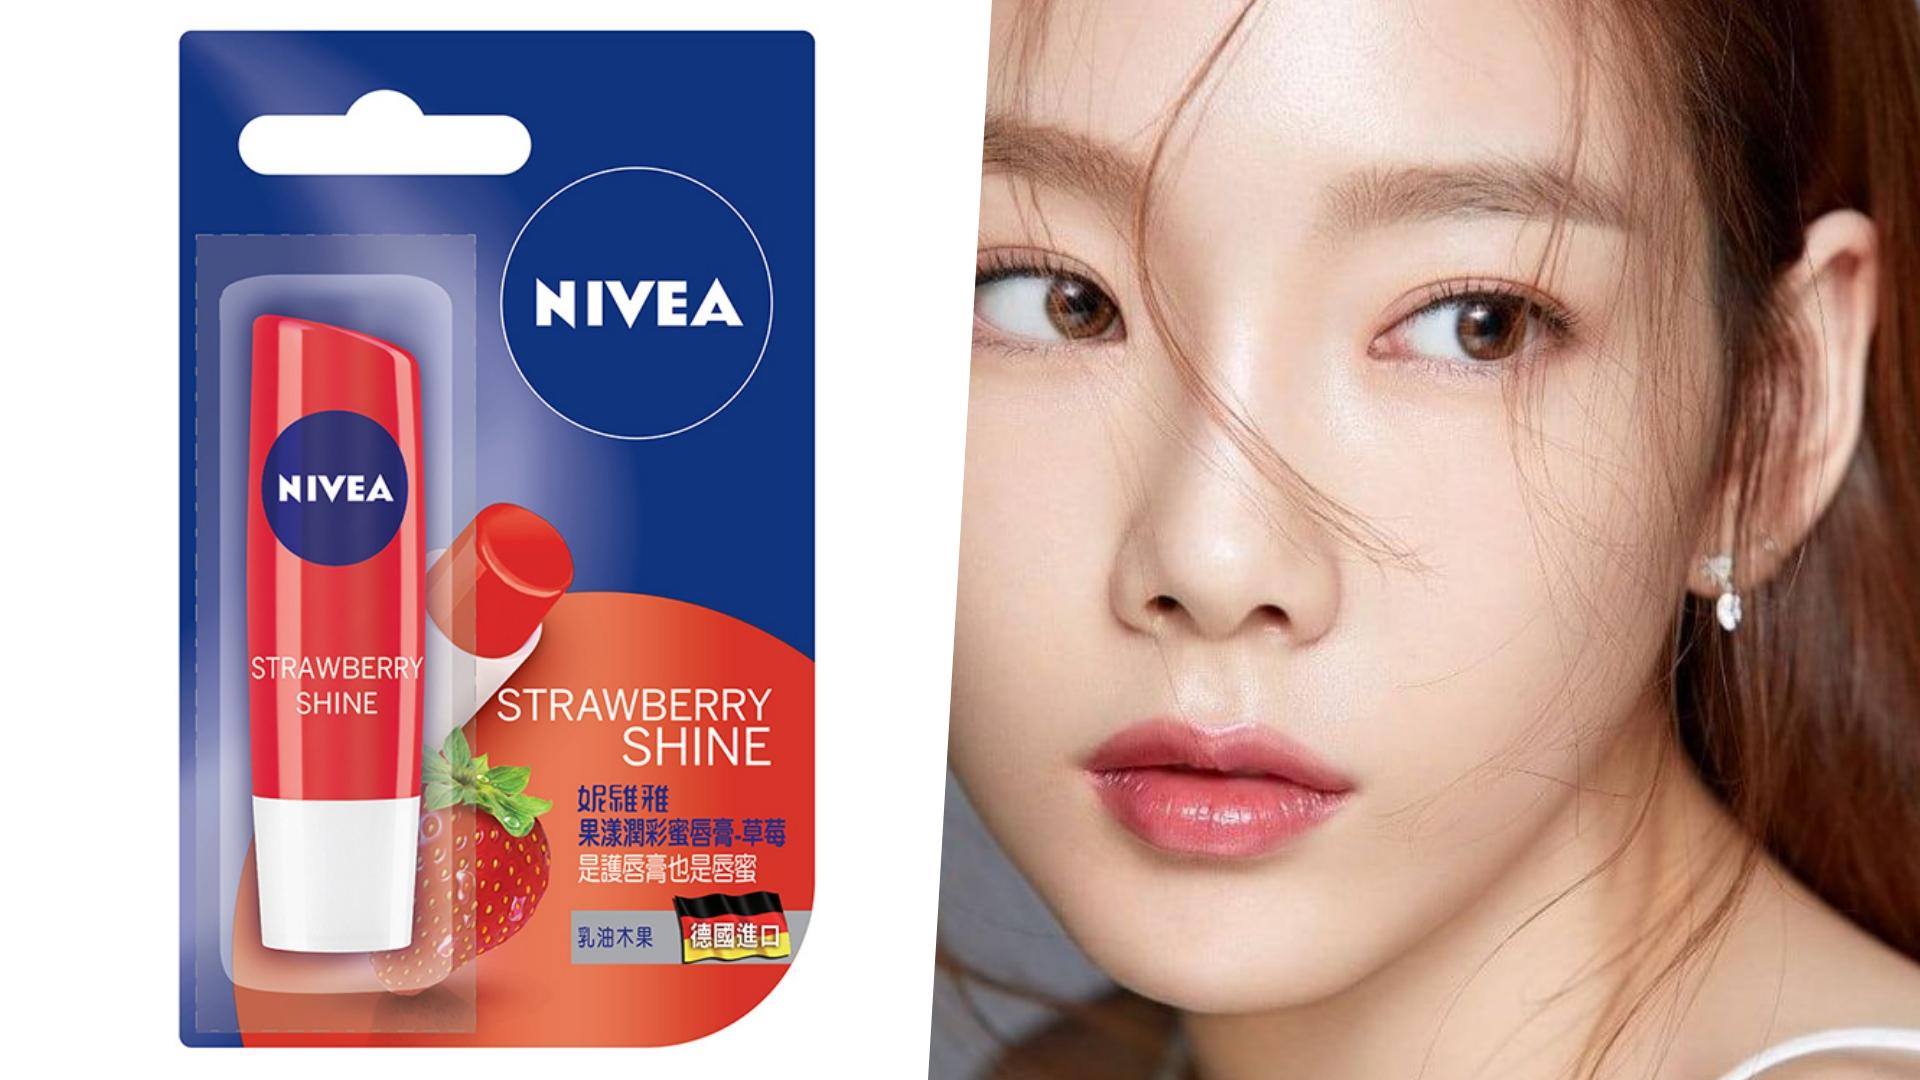 乳木果油能更深層滋潤雙唇,改善脫皮、乾屑,淡化唇紋保持雙唇柔嫩動人。而且經皮膚相容性和滋潤測試,各種膚質都能安心使用。